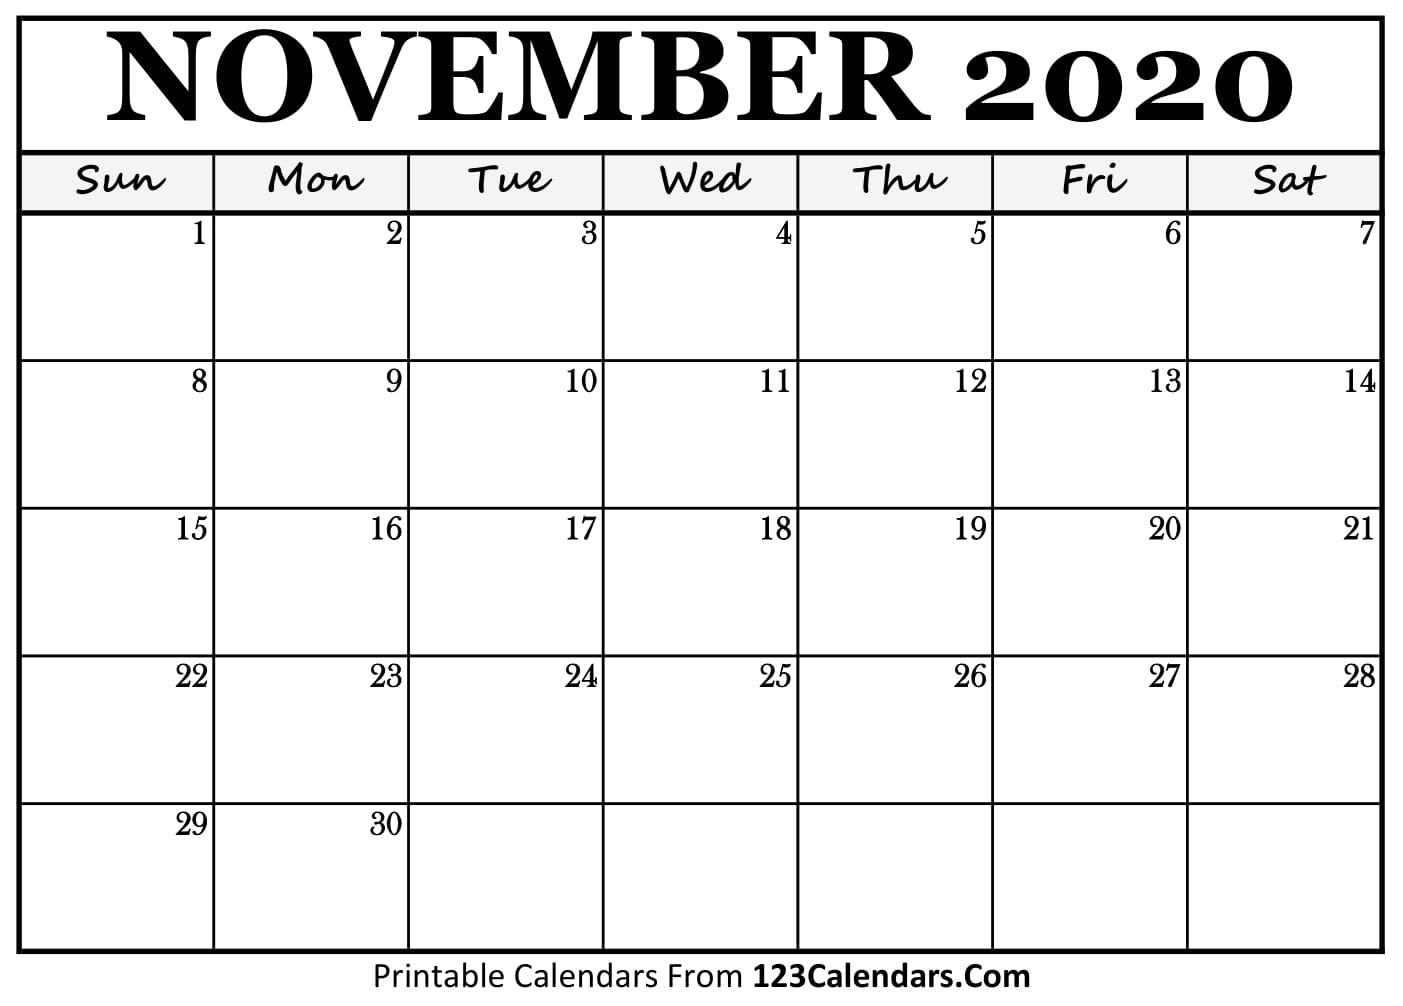 Printable November 2020 Calendar Templates 123calendars Com